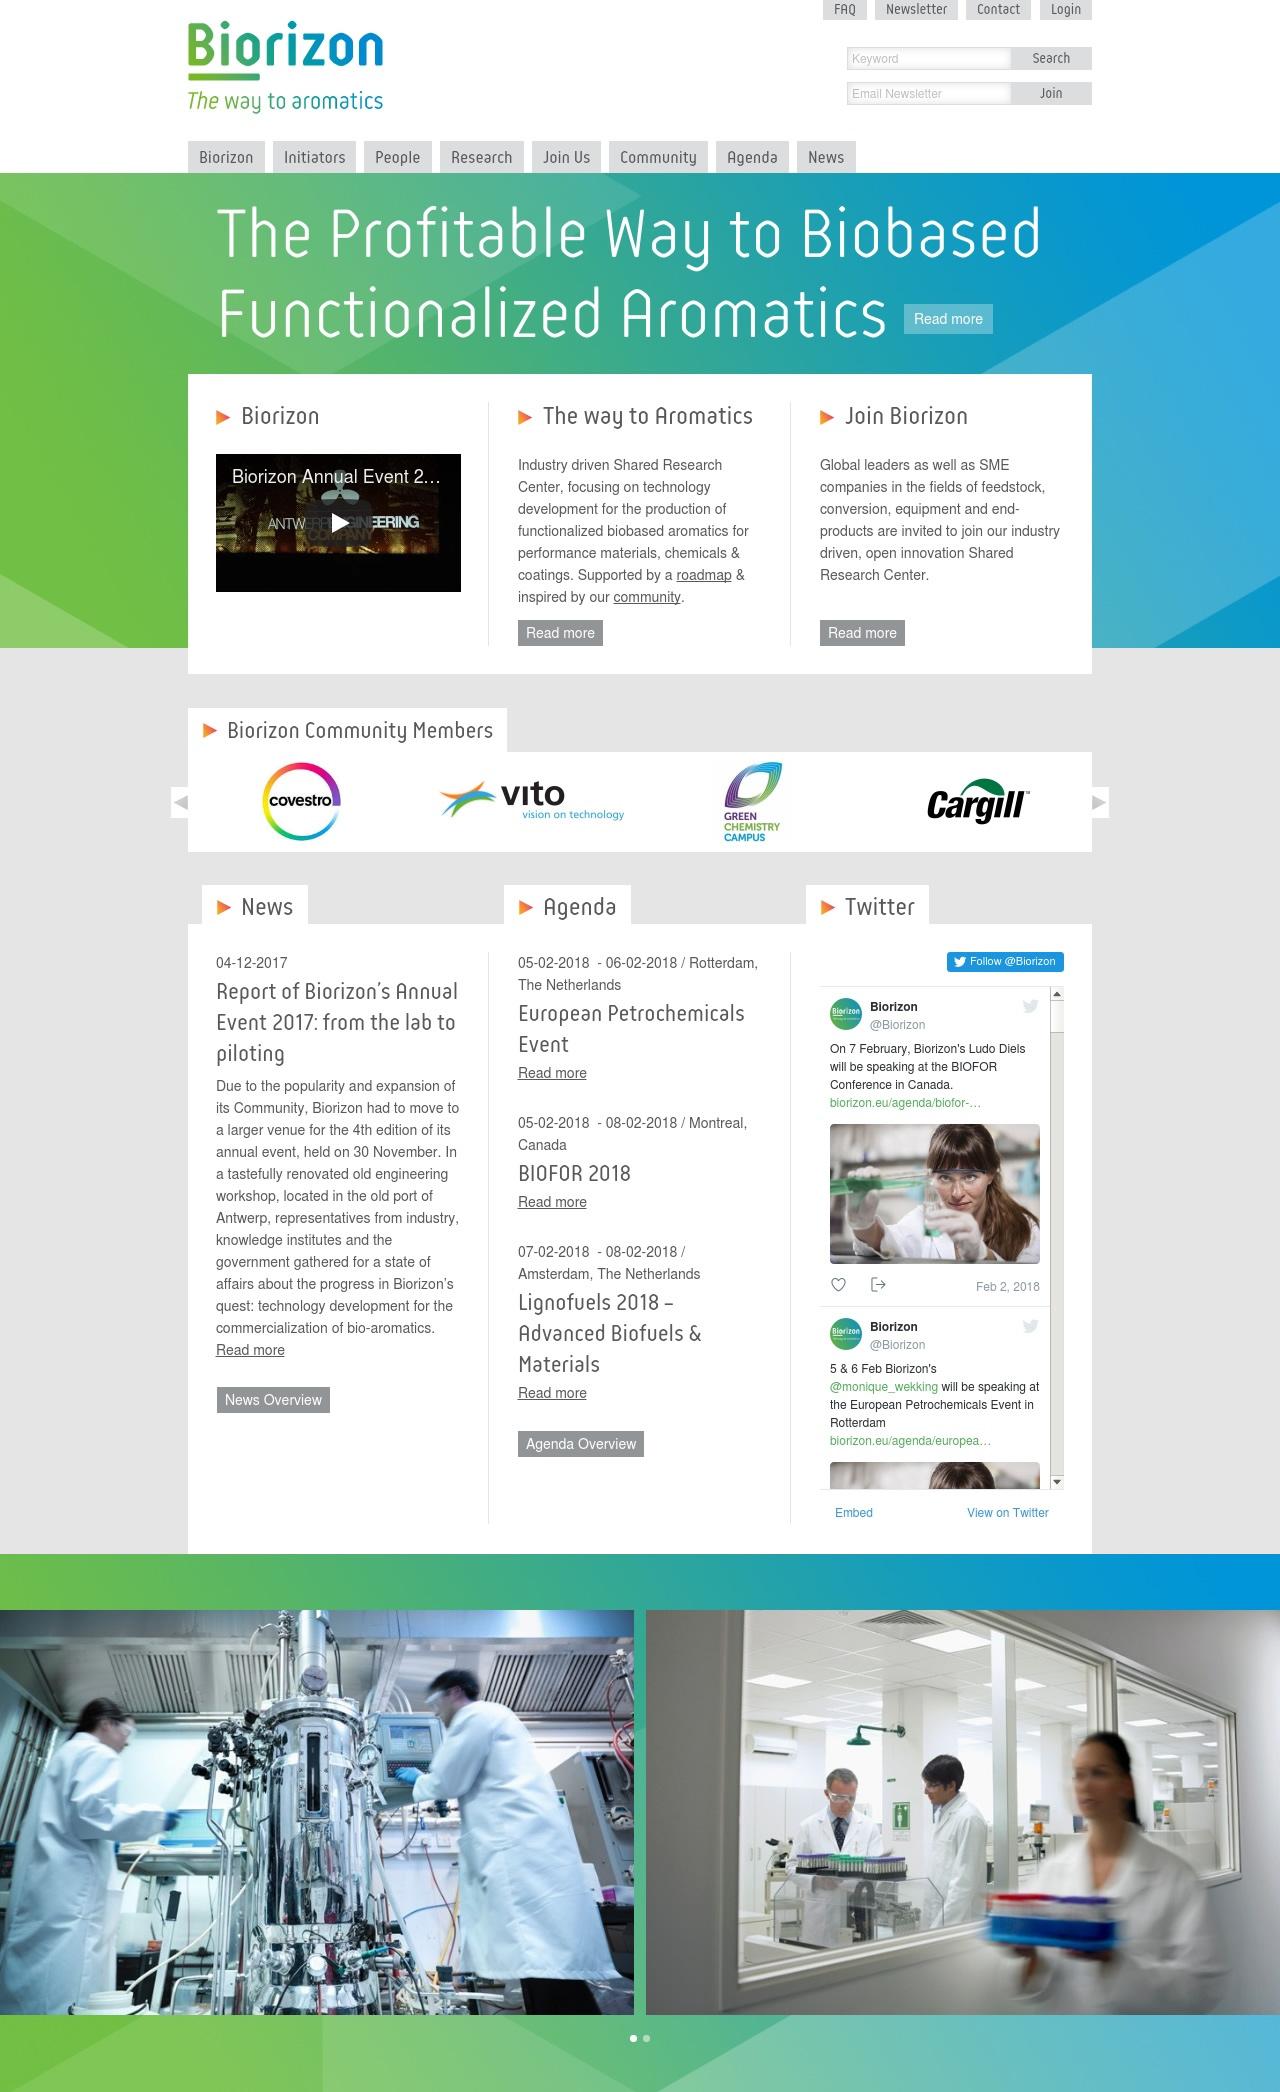 Biorizon homepage met slider en gallery